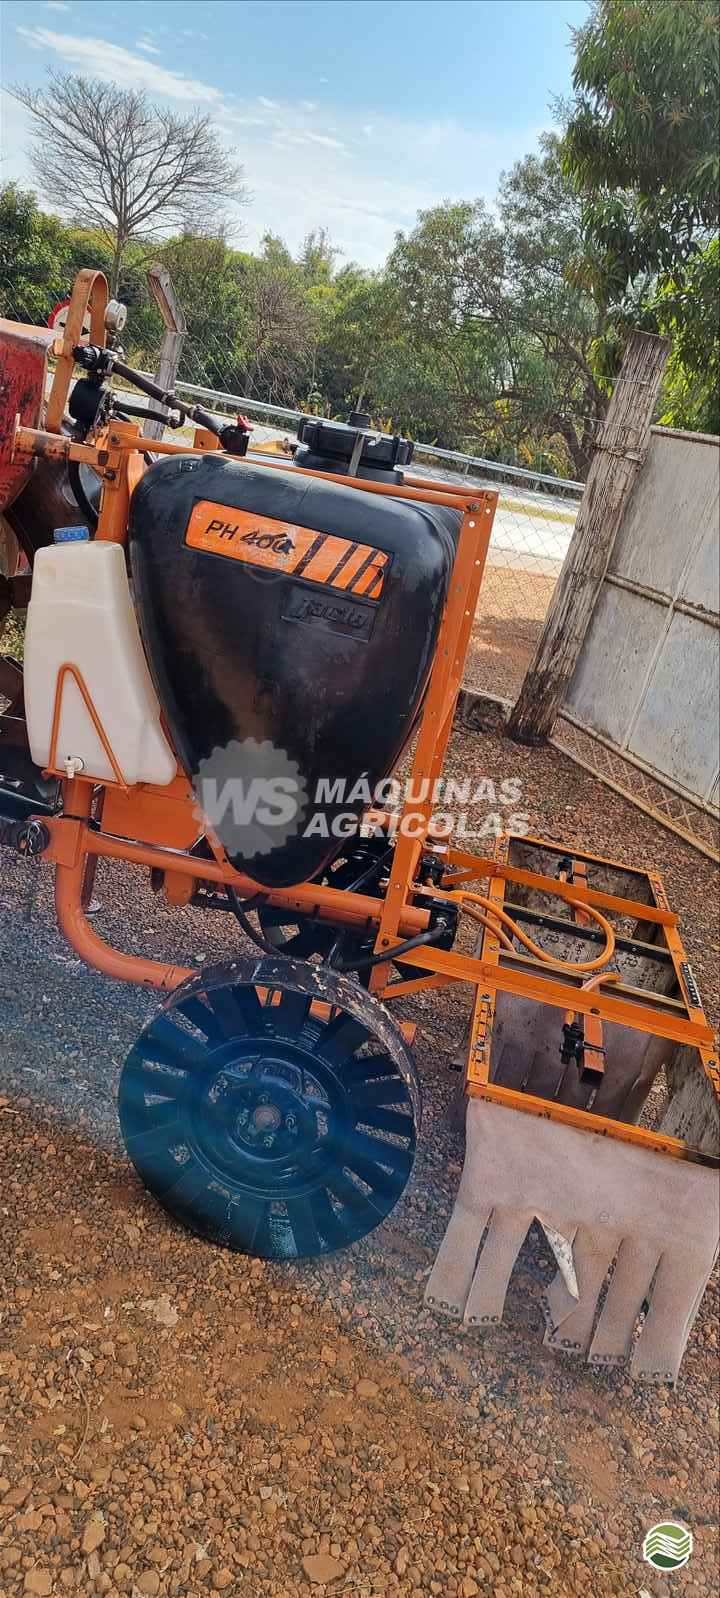 PJH de WS Máquinas Agrícolas - SERTAOZINHO/SP